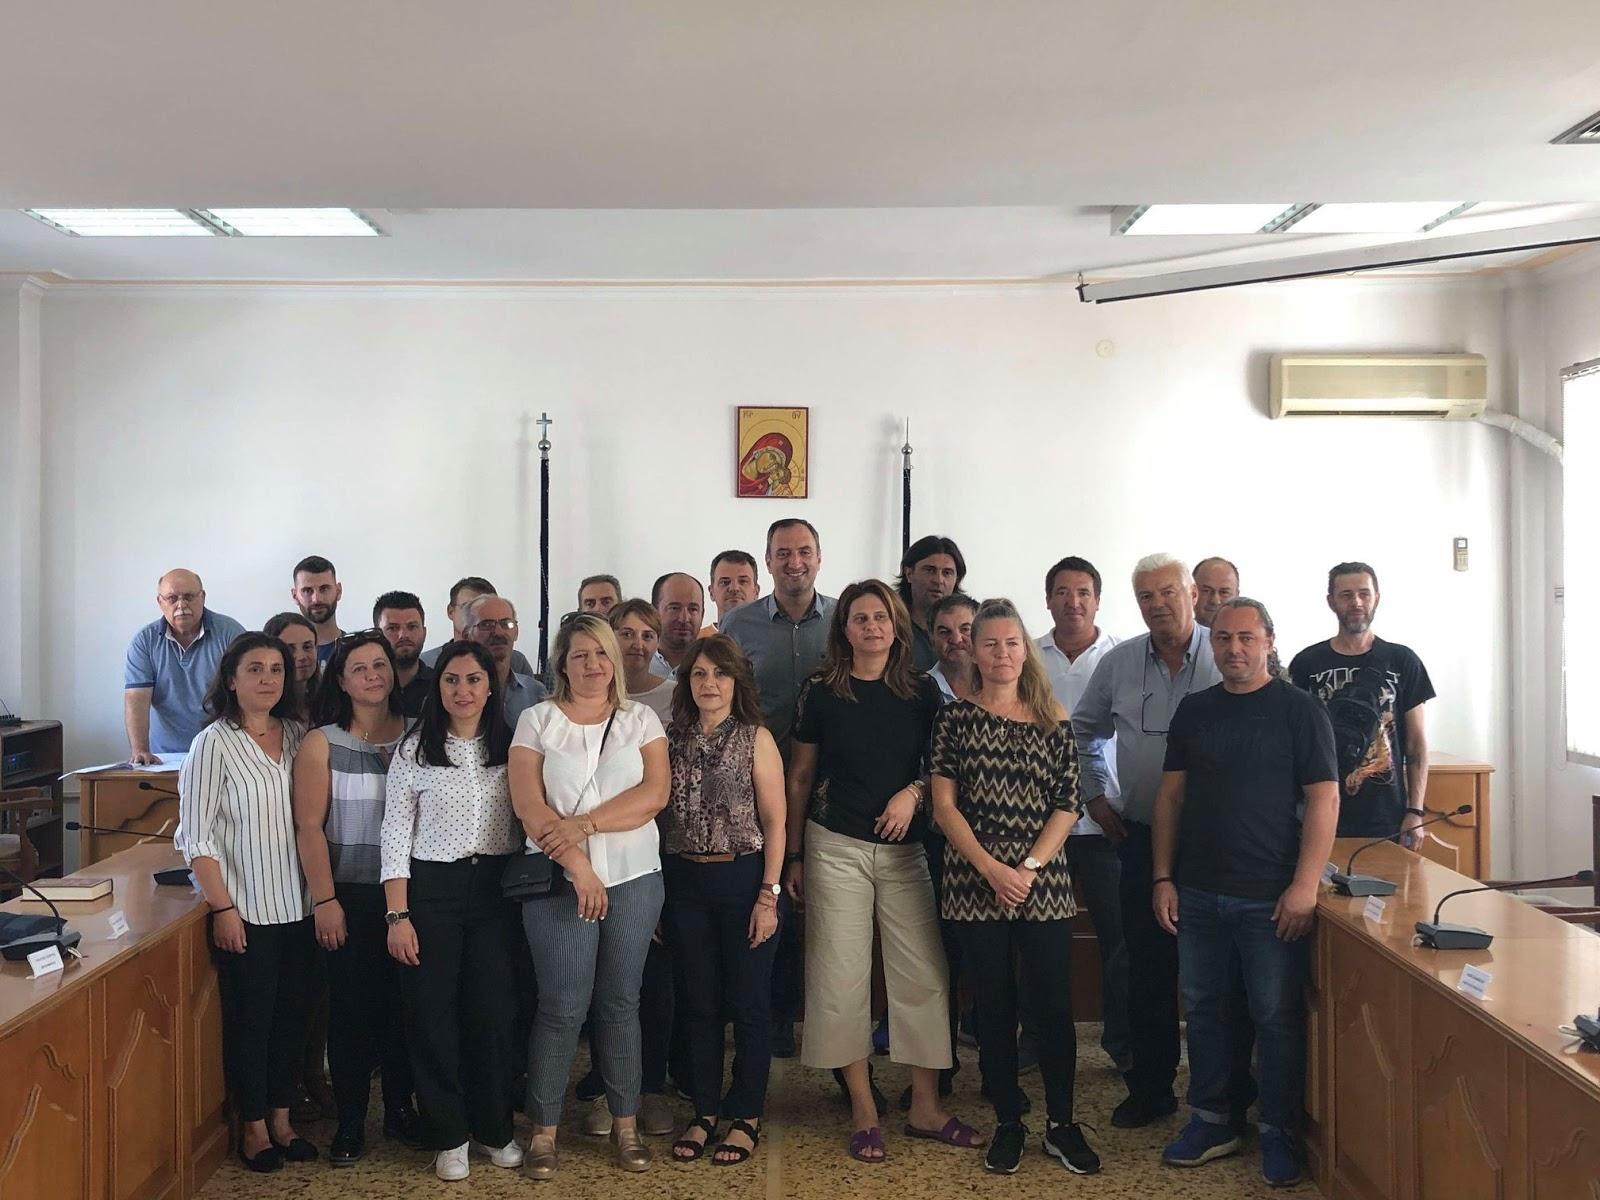 Ορκωμοσία επιτυχόντων προκήρυξης 3Κ/2018 στο Δήμο Τυρνάβου